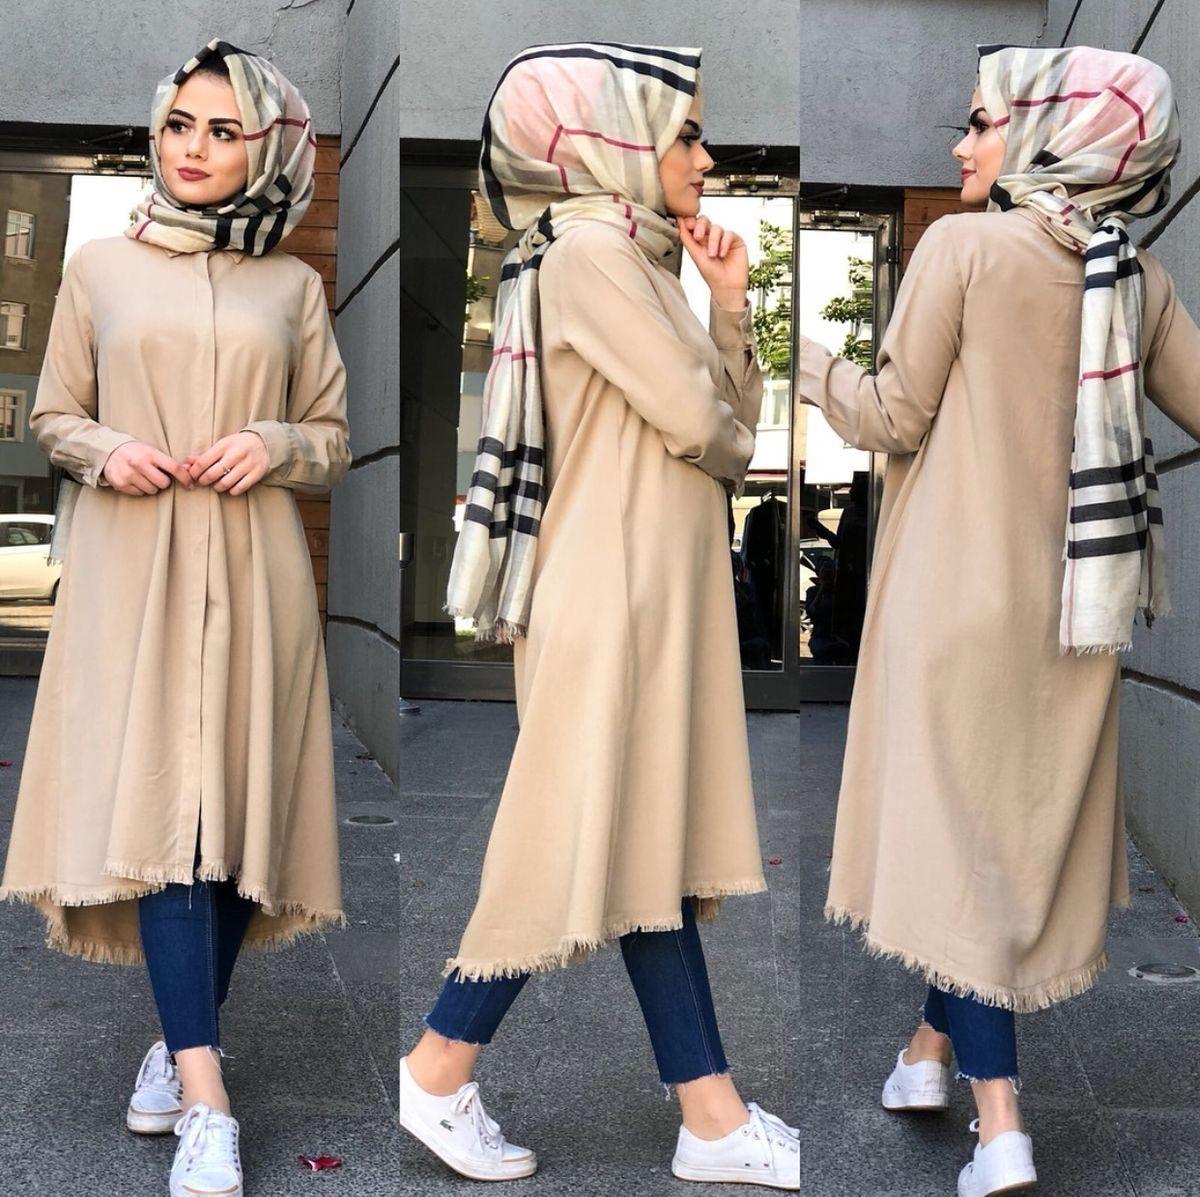 Pin by HK KHAN on Hijab outfit  Muslim women fashion, Muslimah